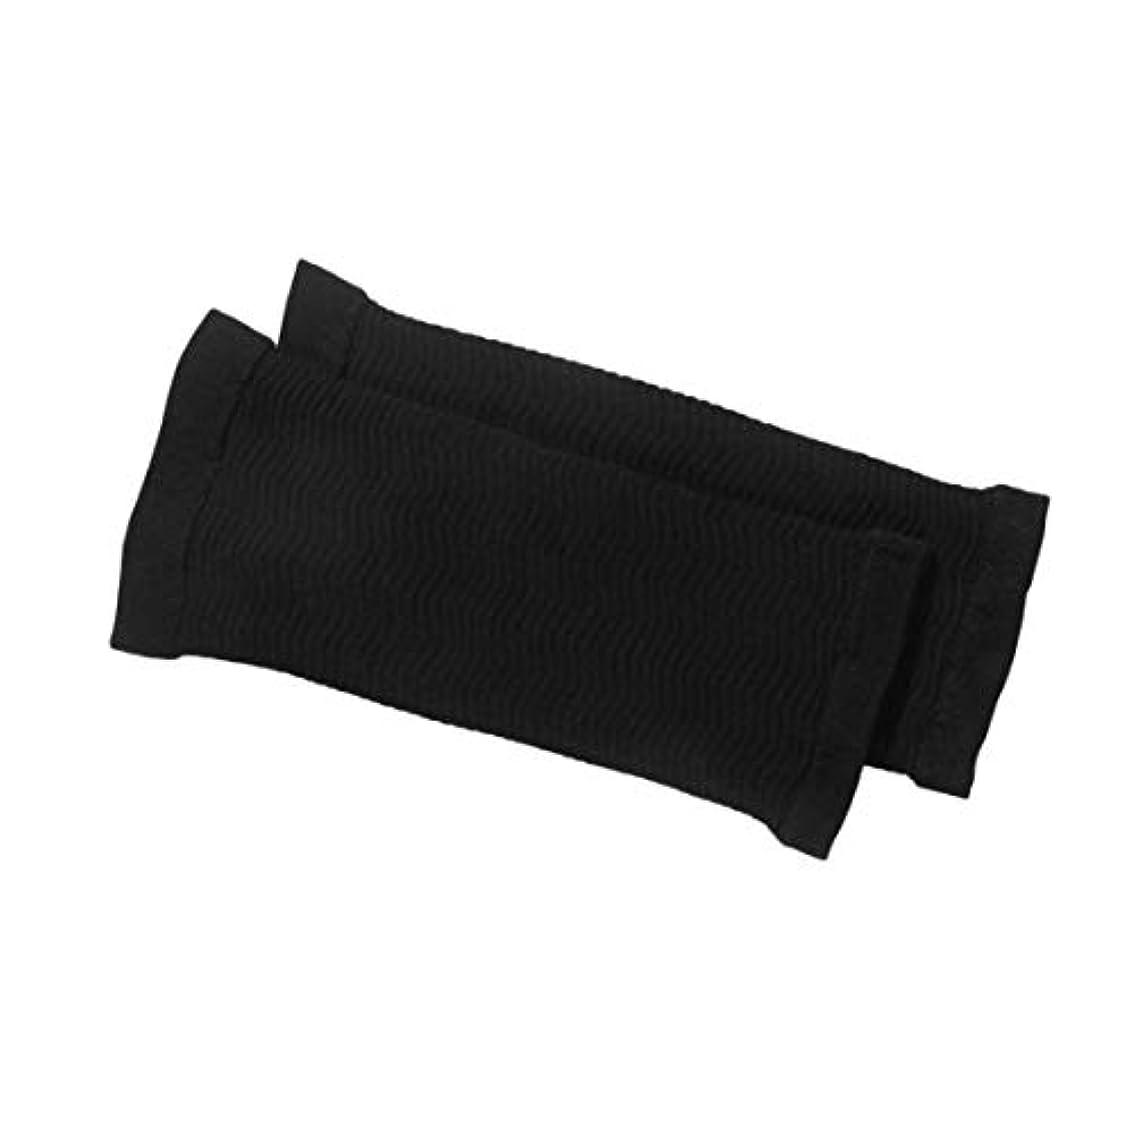 マントル奨学金複合1ペア420 D圧縮痩身アームスリーブワークアウトトーニングバーンセルライトシェイパー脂肪燃焼袖用女性 - 黒